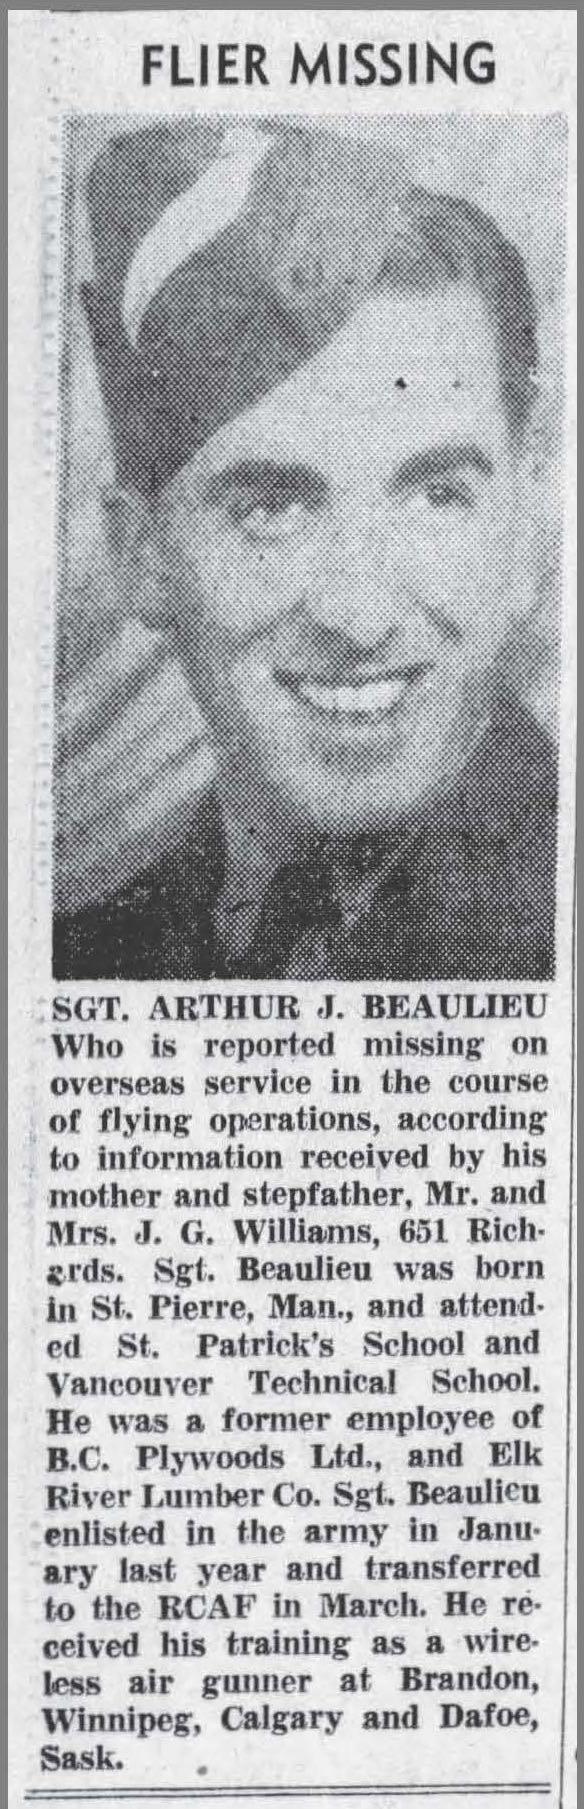 Photo de ARTHUR JOSEPH BEAULIEU – Découpage du journal, Vancouver Sun, 17 juillet 1943.